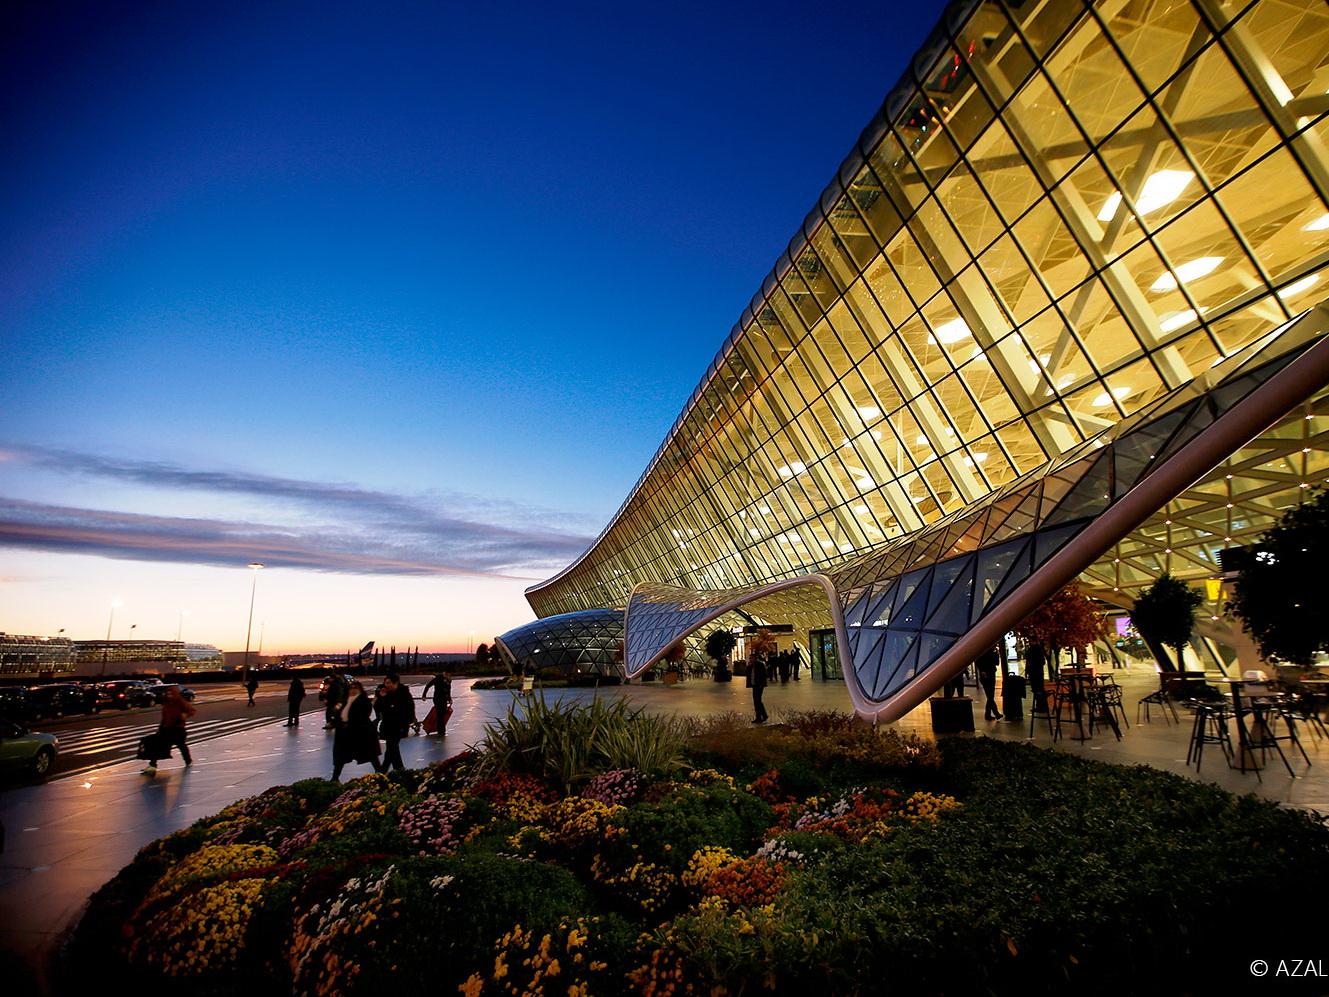 За семь месяцев Международный аэропорт Гейдар Алиев обслужил 2,5 миллиона пассажиров